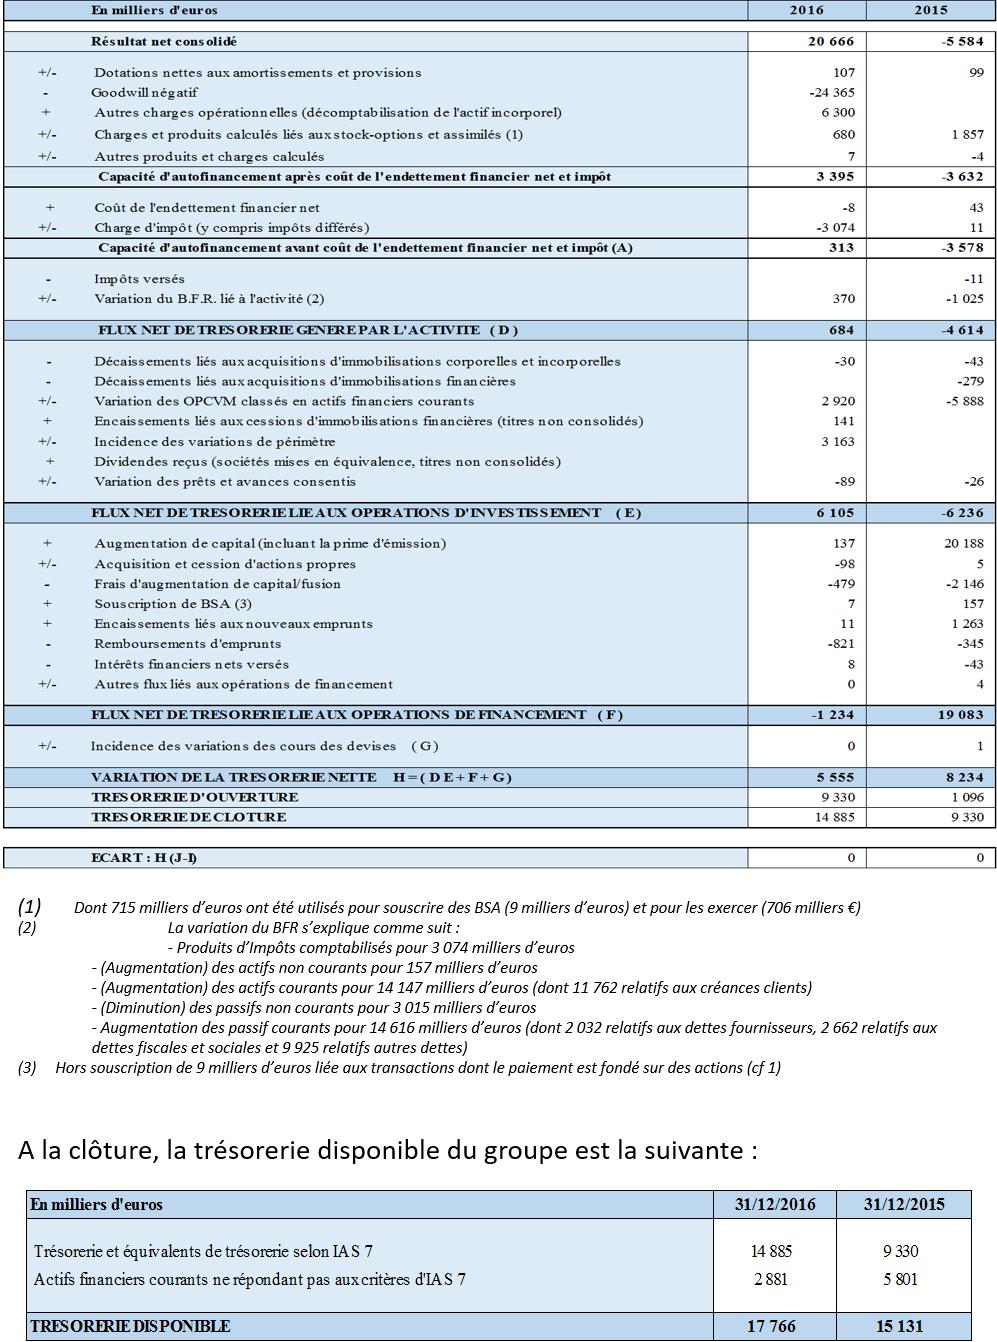 TABLEAU DES FLUX DE TRESORERIE CONSOLIDE